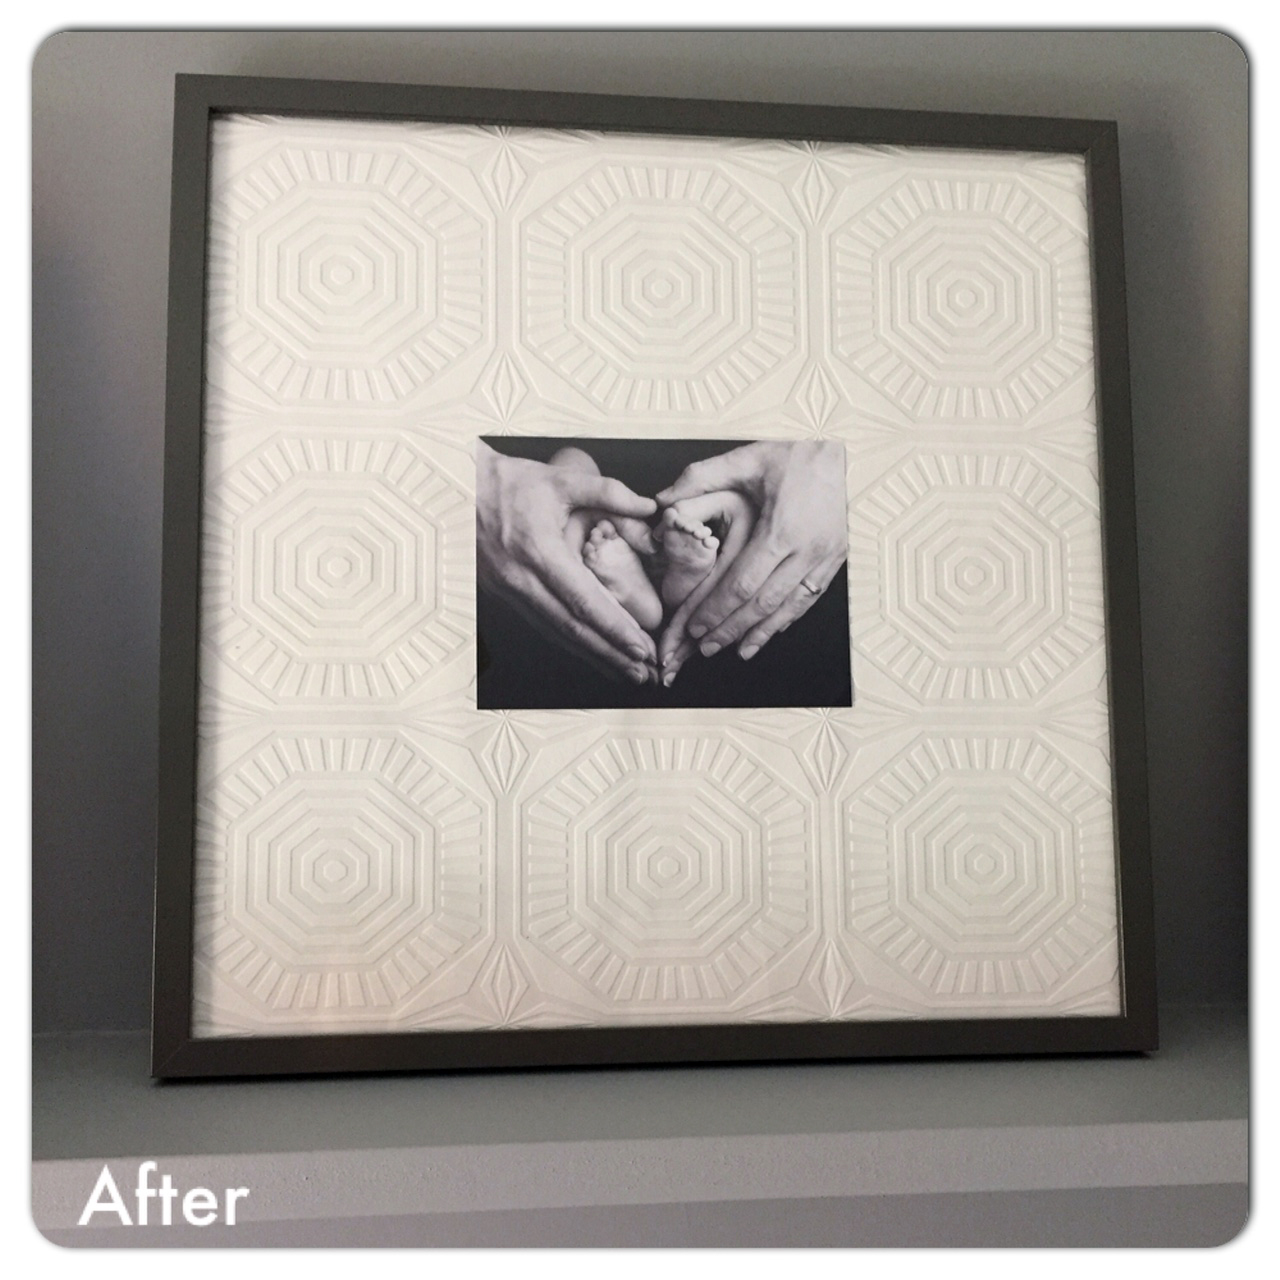 after frame